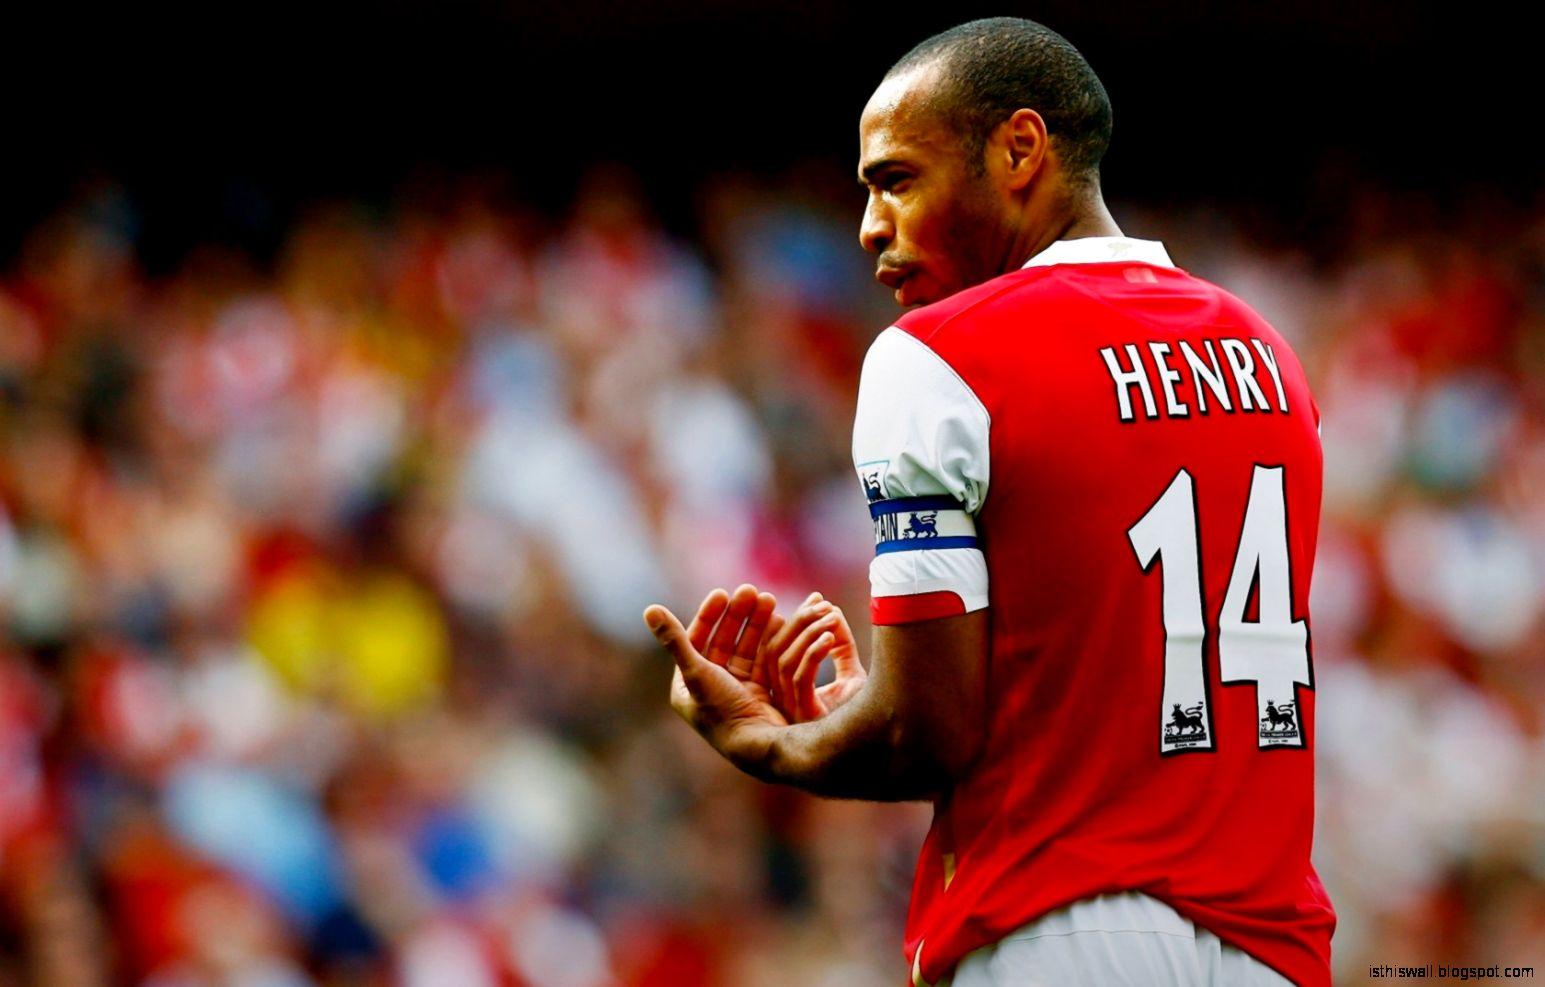 5 Pemain Arsenal yang Sukses Besar di Bawah Didikan Wenger